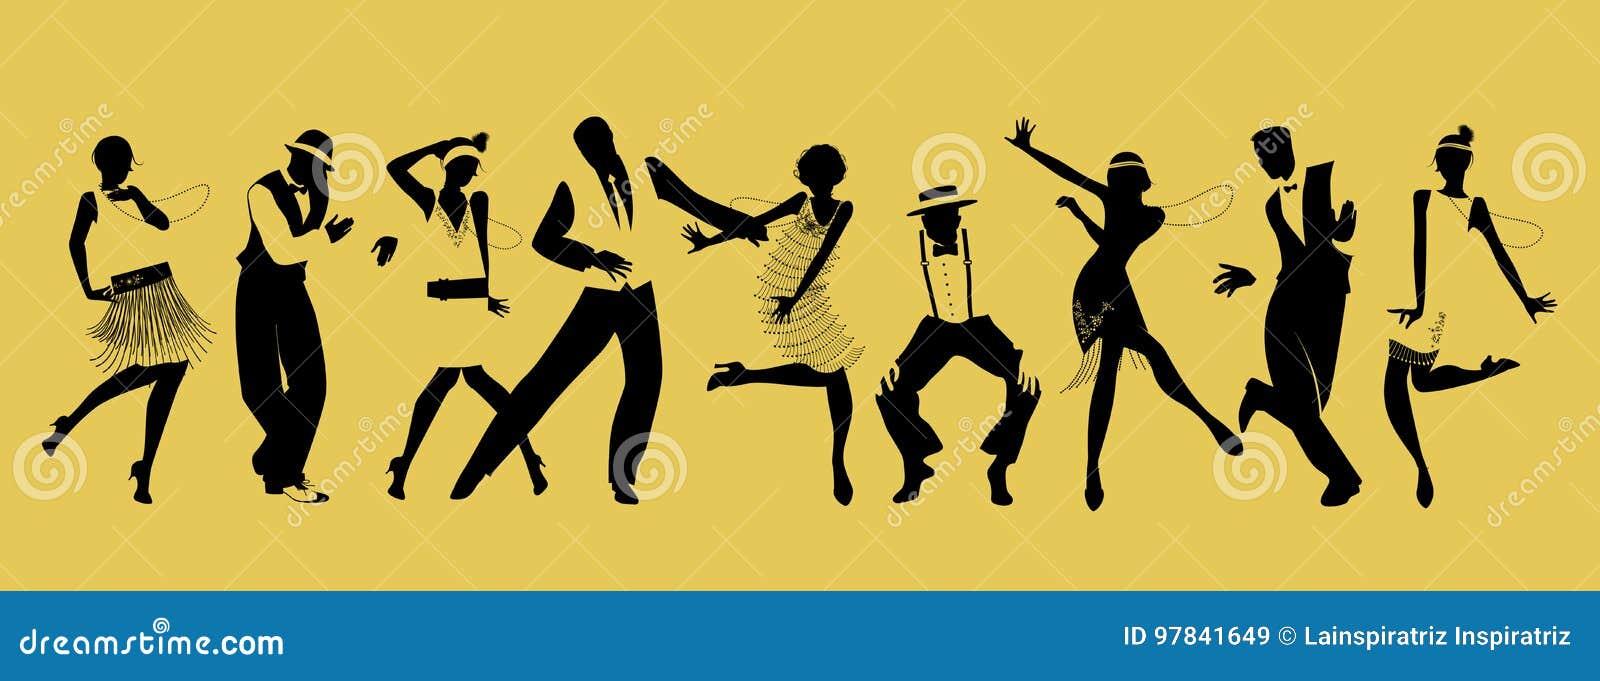 Schattenbilder von neun Leuten, die Charleston tanzen